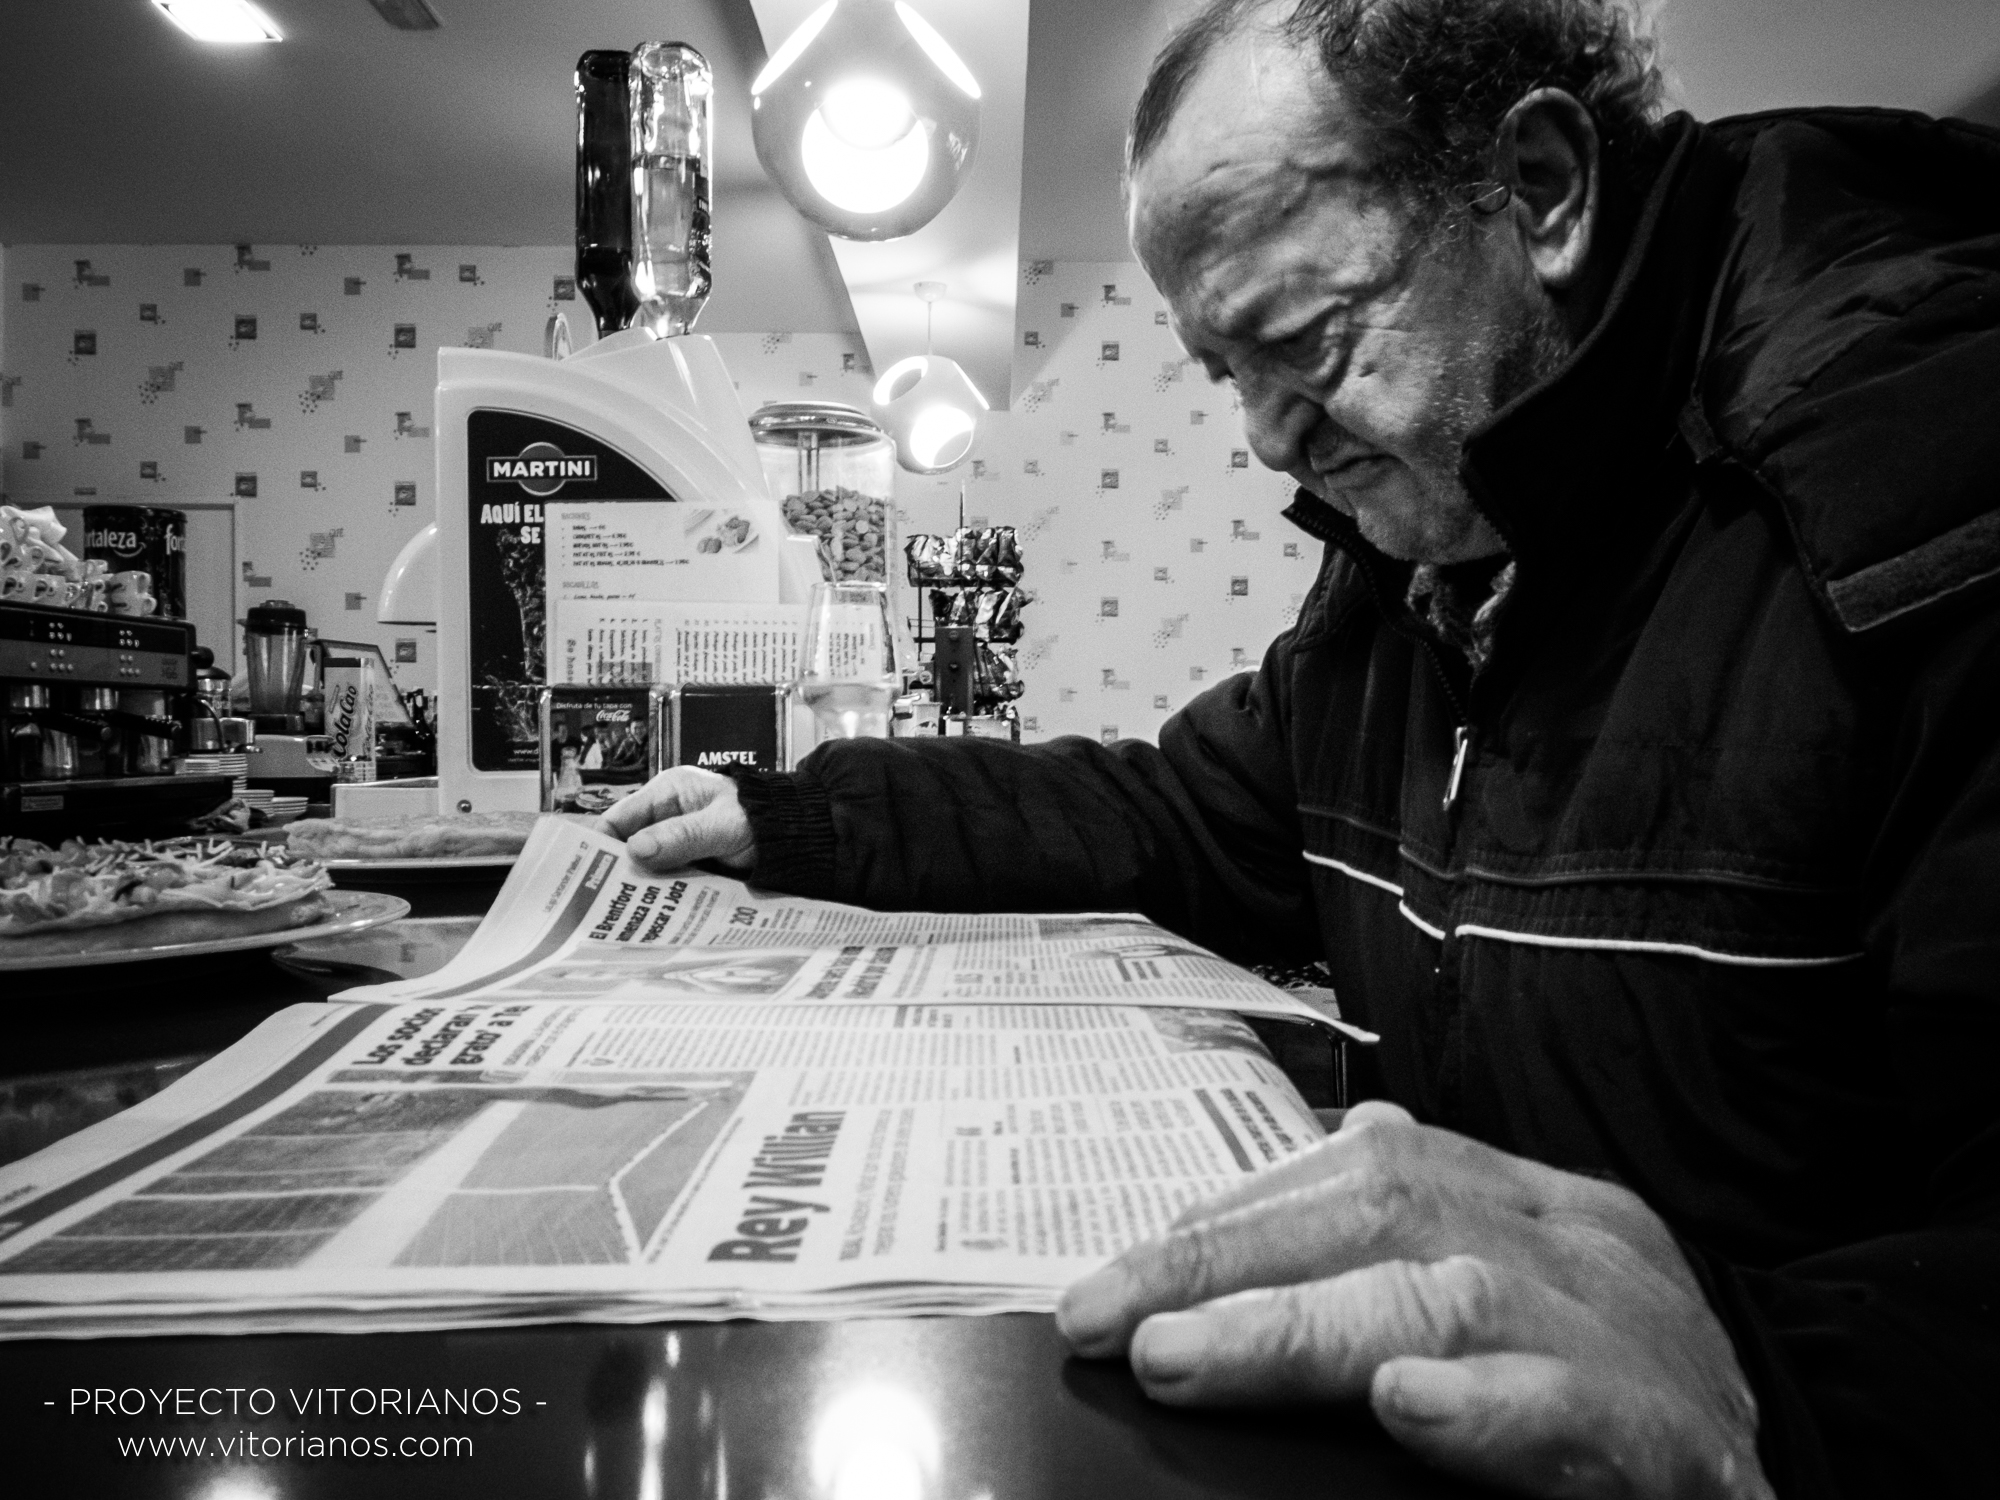 Vitoriano leyendo el periódico - Foto: Sandra Sastre